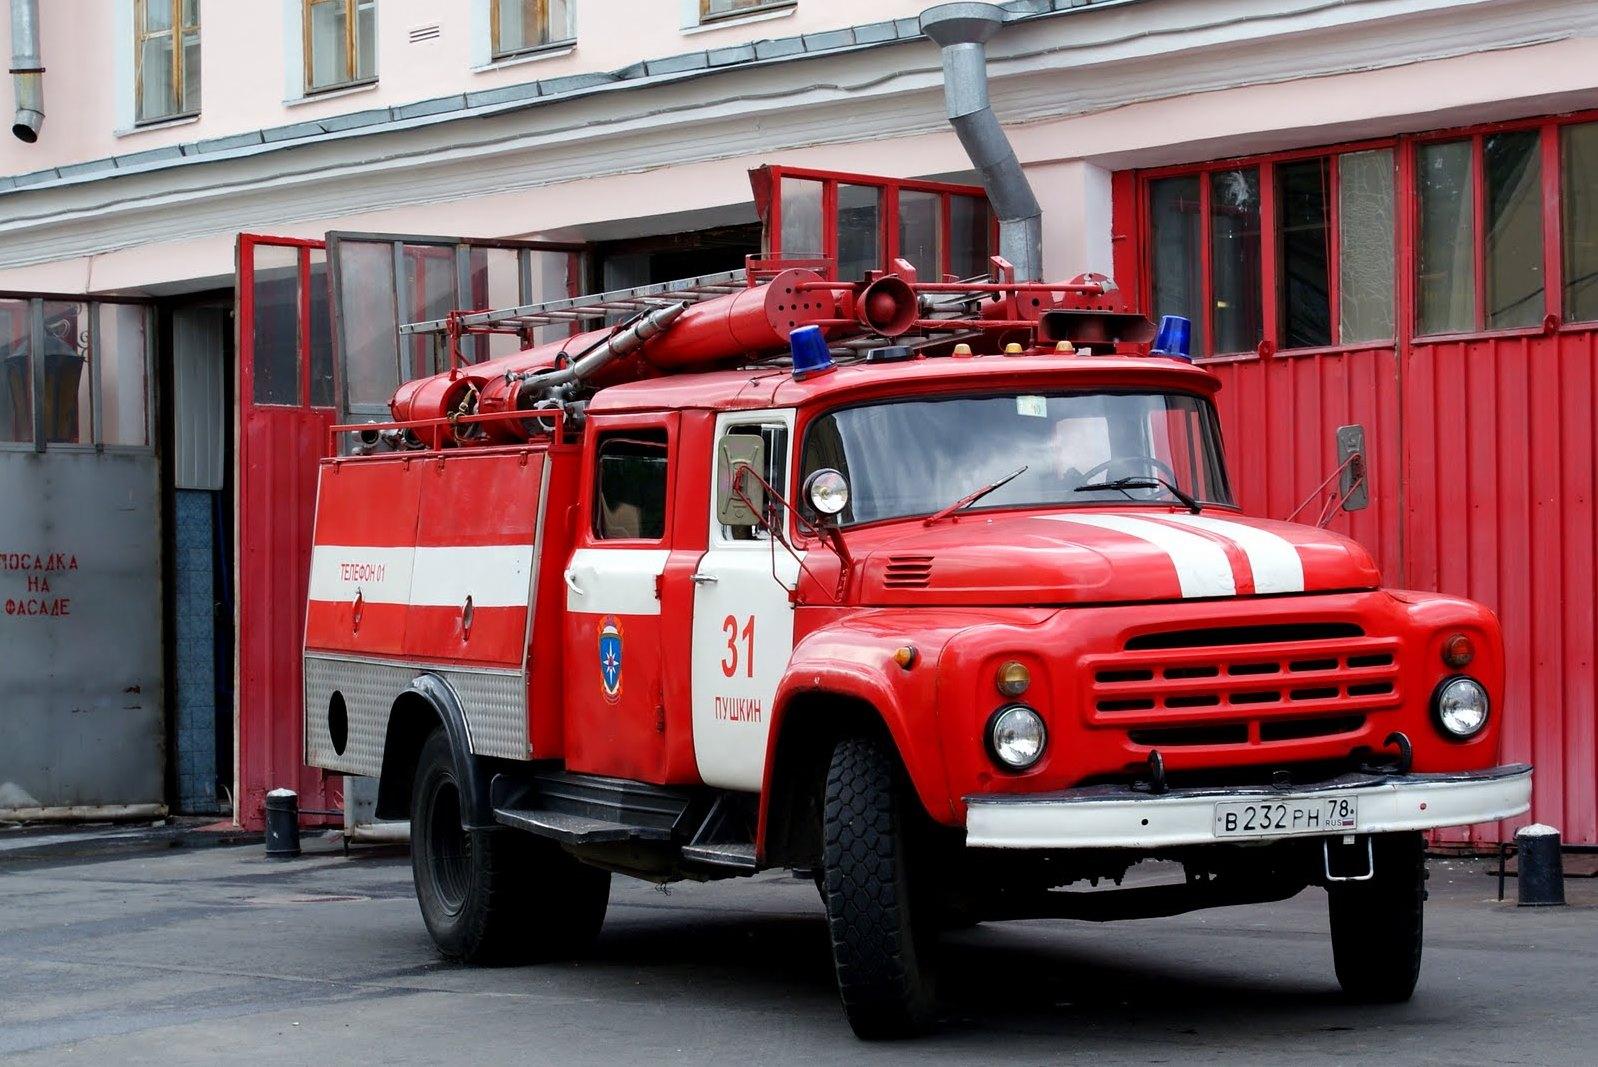 Следователи озвучили причину гибели мужчины на пожаре в Турках